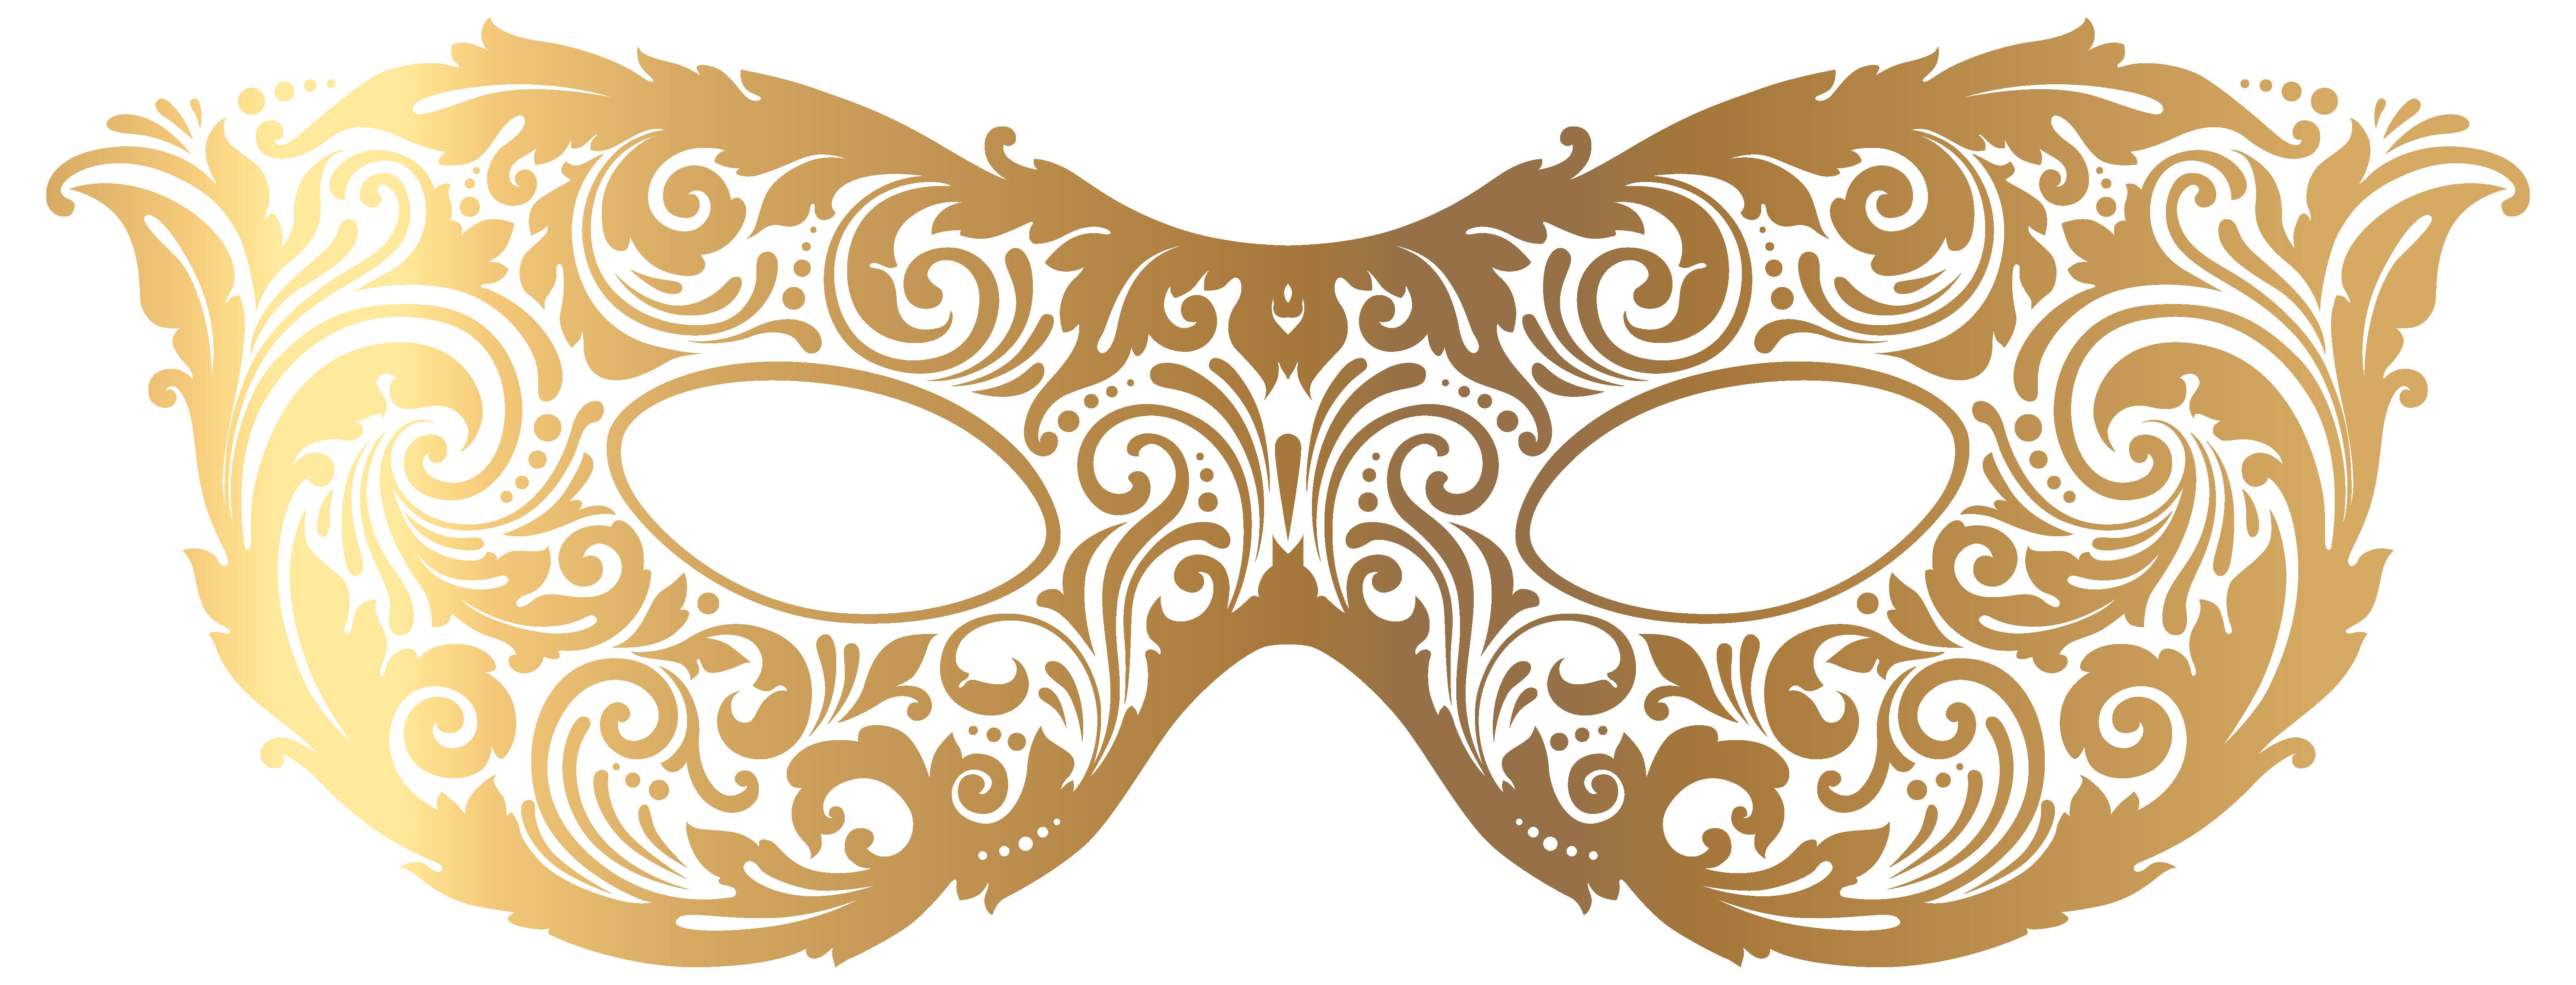 Gold Carnival Mask PNG Clip Art Image.